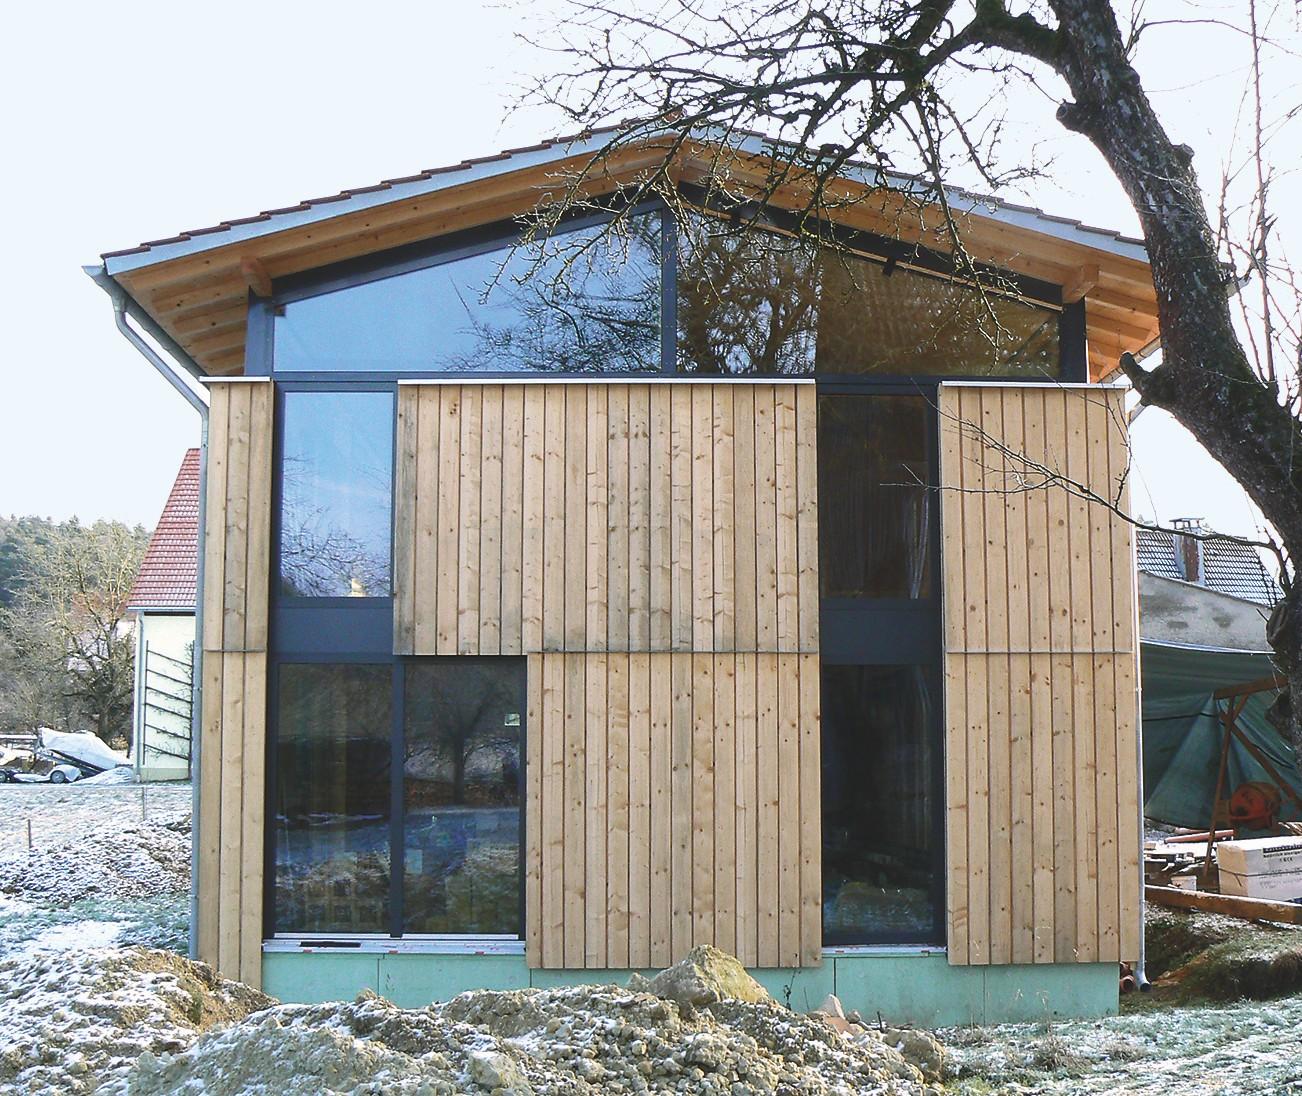 Mit vorwiegend Glas und Holz prägen natürliche Materialien diesen Neubau von Jürgen Feistauer.